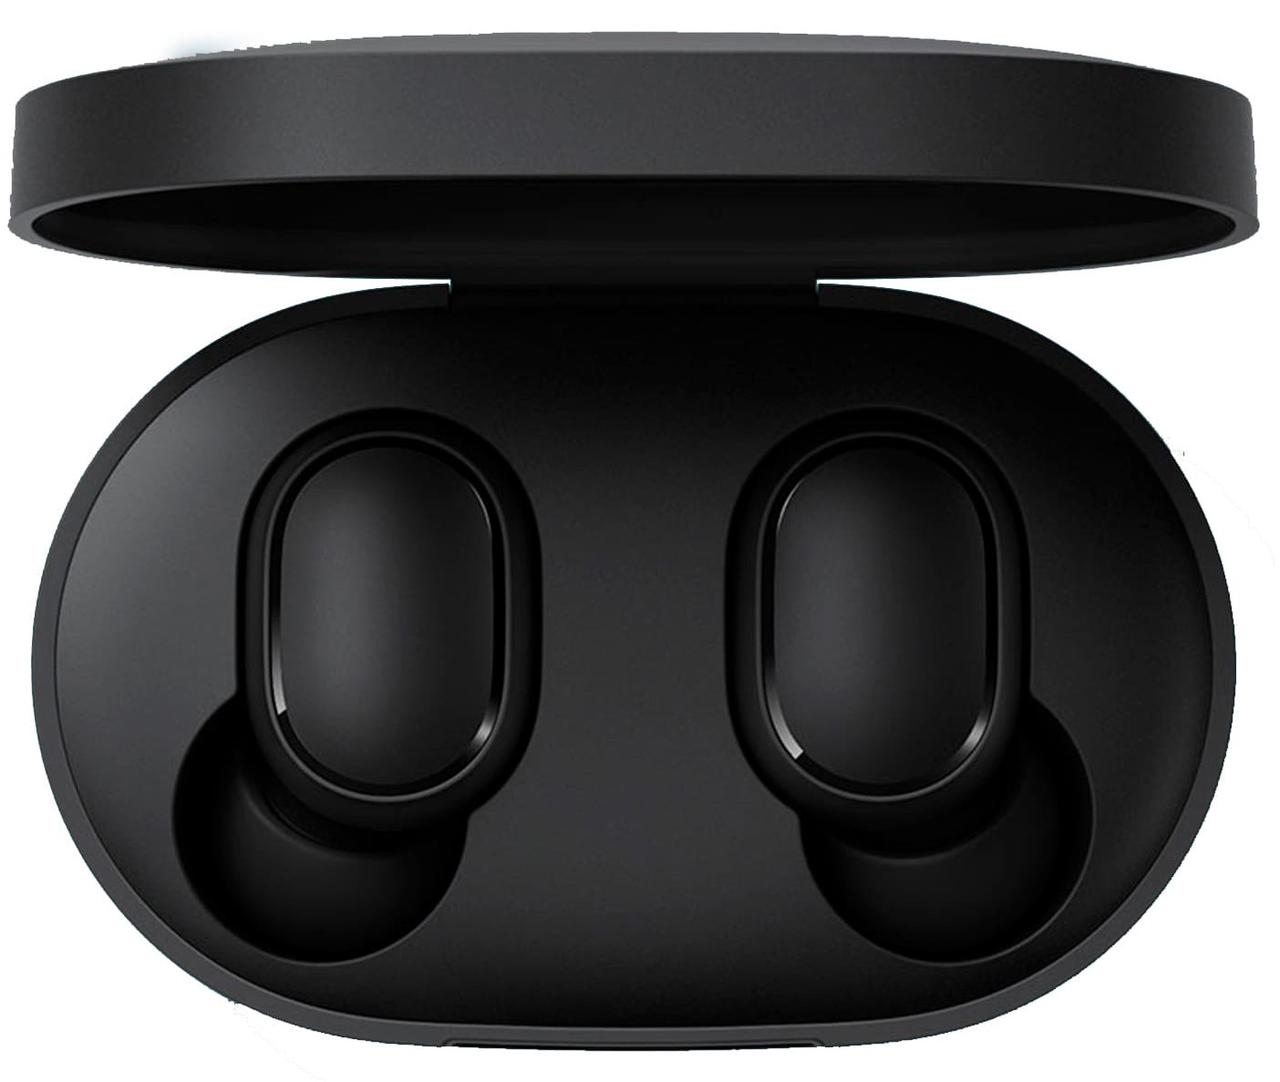 Оригинальные Xiaomi Redmi AirDots Black беспроводные наушники .